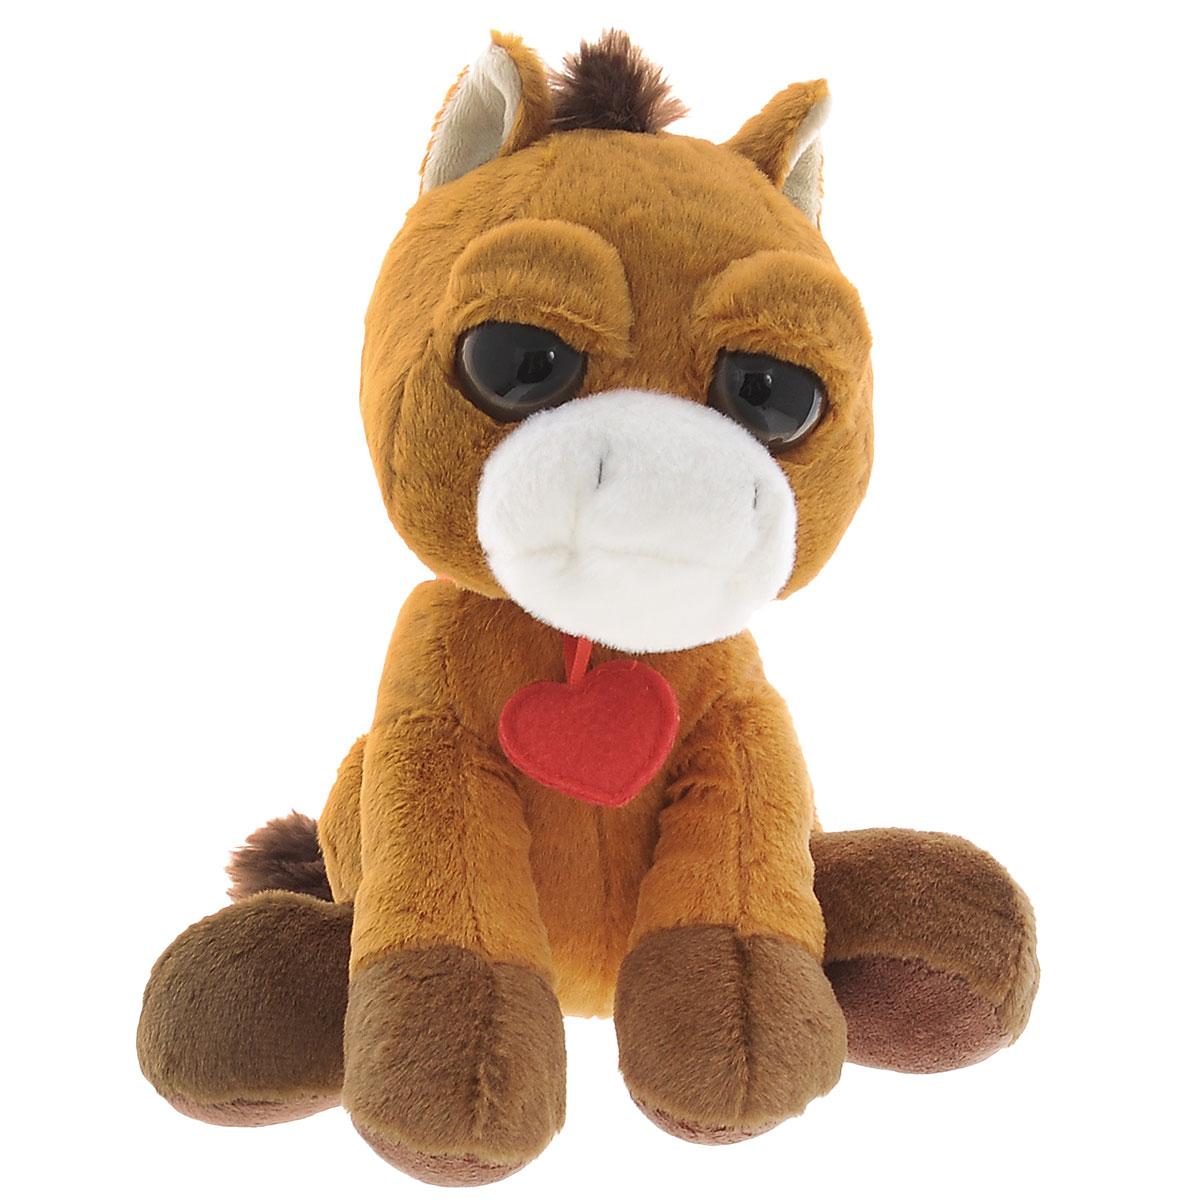 Мягкая игрушка Plush Apple Лошадка с сердечком, 23 смK85232S4Мягкая игрушка Plush Apple Лошадка с сердечком обязательно понравится вашему малышу. Изделие изготовлено из приятных на ощупь и очень мягких материалов, безвредных для ребенка. Игрушка выполнена в виде милой лошадки с пластиковыми глазками и сердечком на шее. Лошадка может составить компанию и дома, и на прогулке, и даже в постели, когда ребенок ложится спать. Удивительно мягкая игрушка принесет радость и подарит своему обладателю мгновения нежных объятий и приятных воспоминаний. Специальные гранулы, используемые при ее набивке, способствуют развитию мелкой моторики рук малыша. Великолепное качество исполнения делают эту игрушку чудесным подарком к любому празднику.